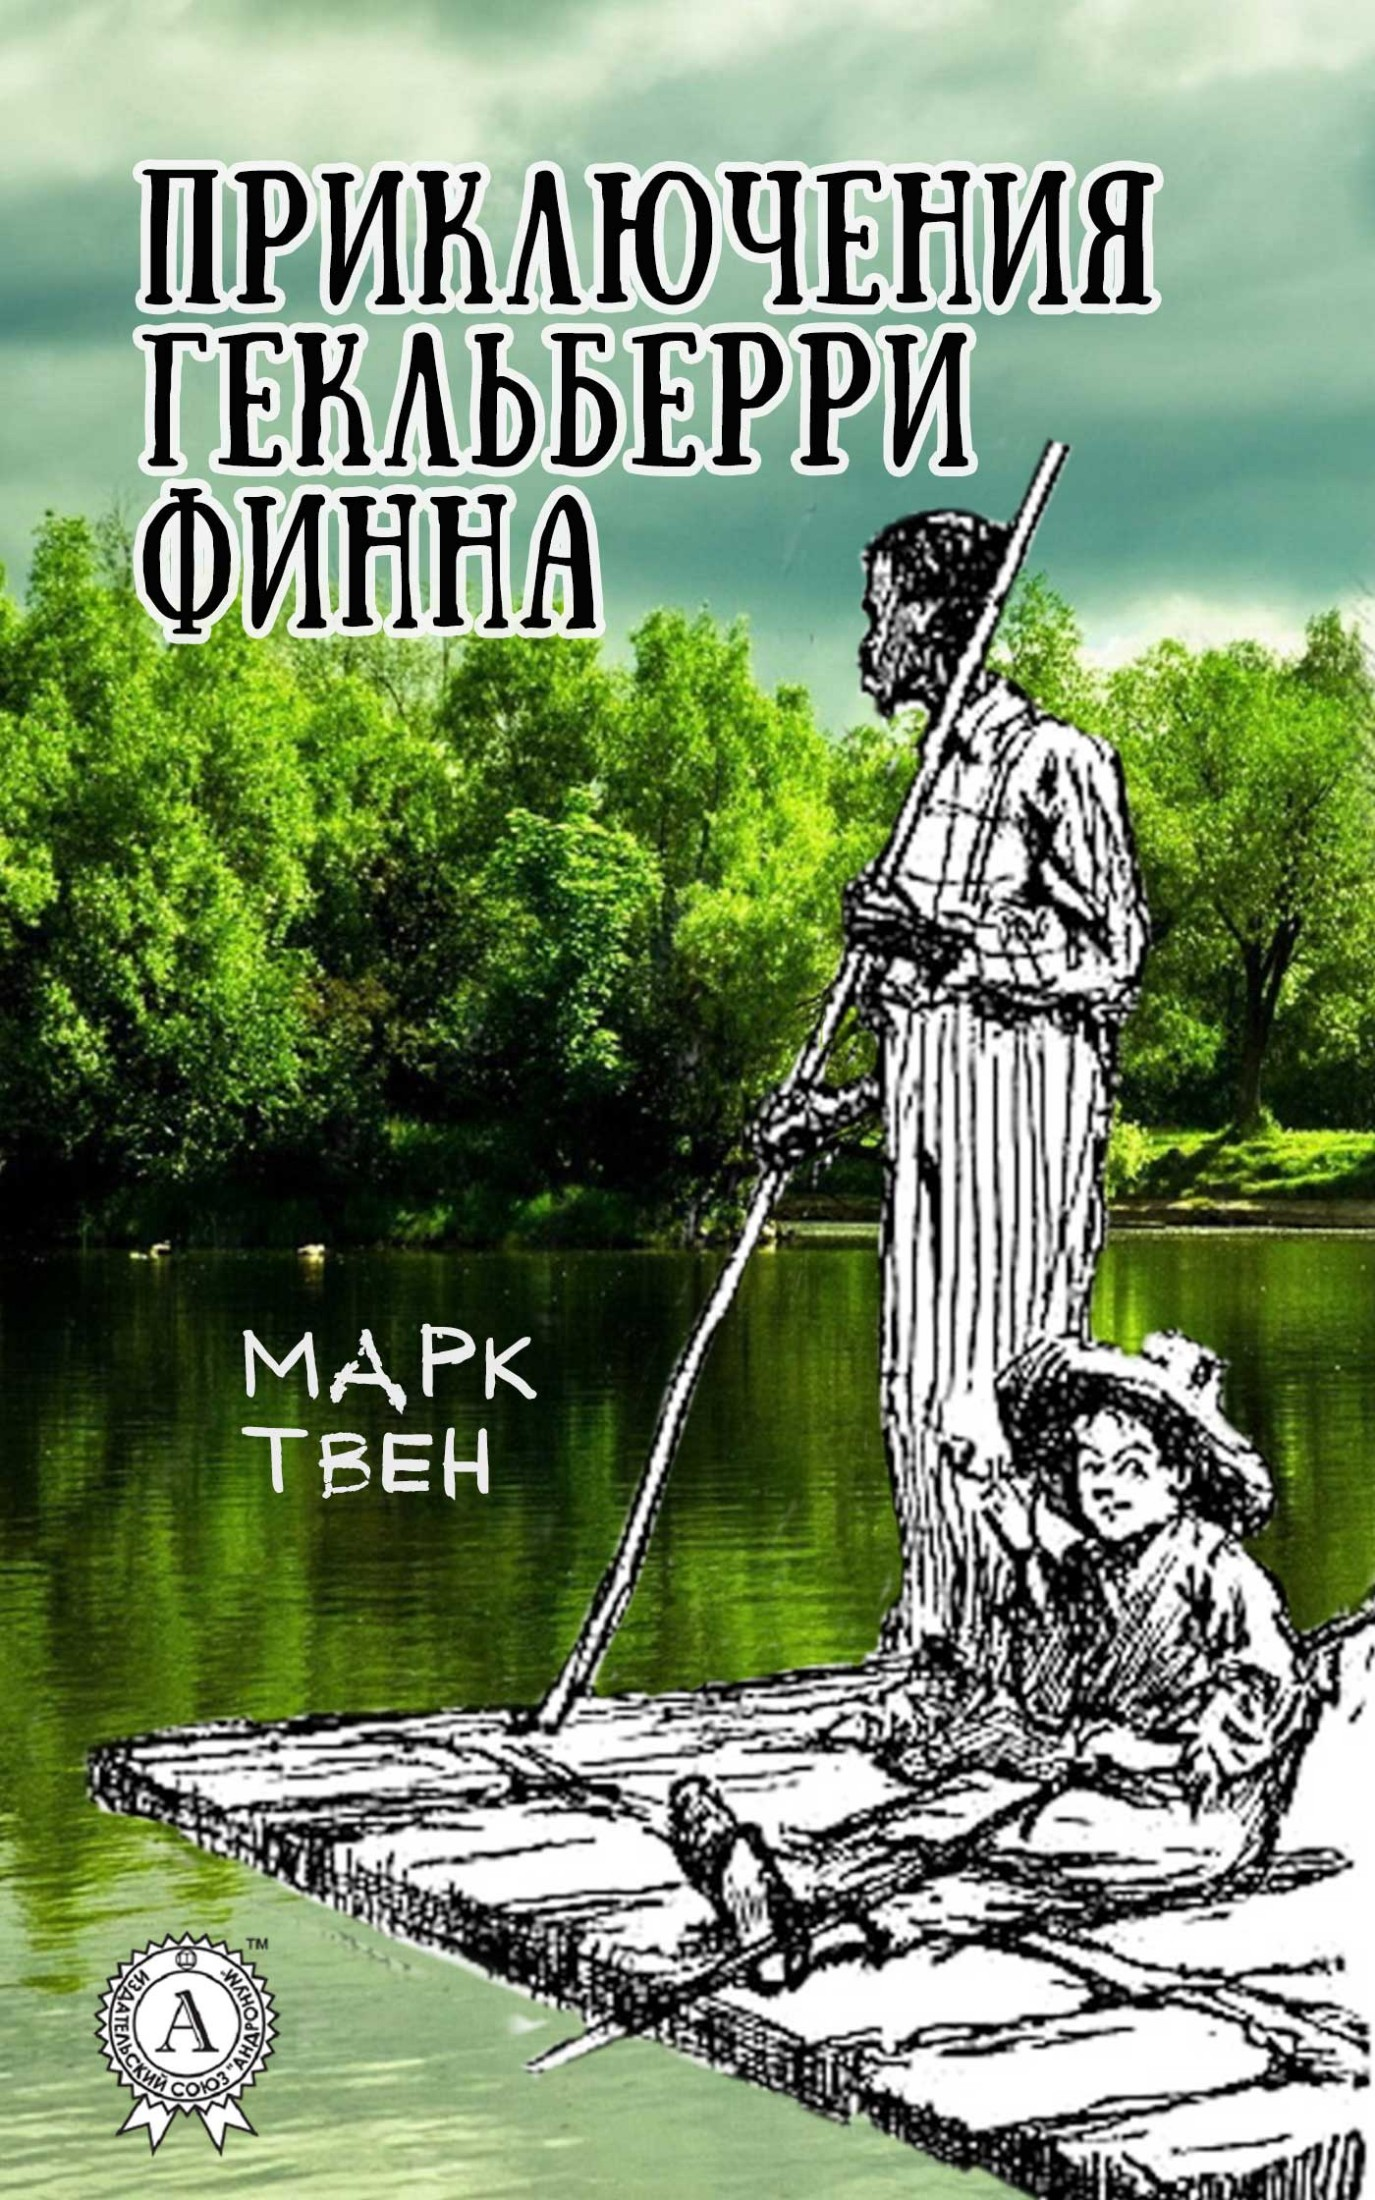 Марк Твен Приключения Гекльберри Финна. Иллюстрированное издание